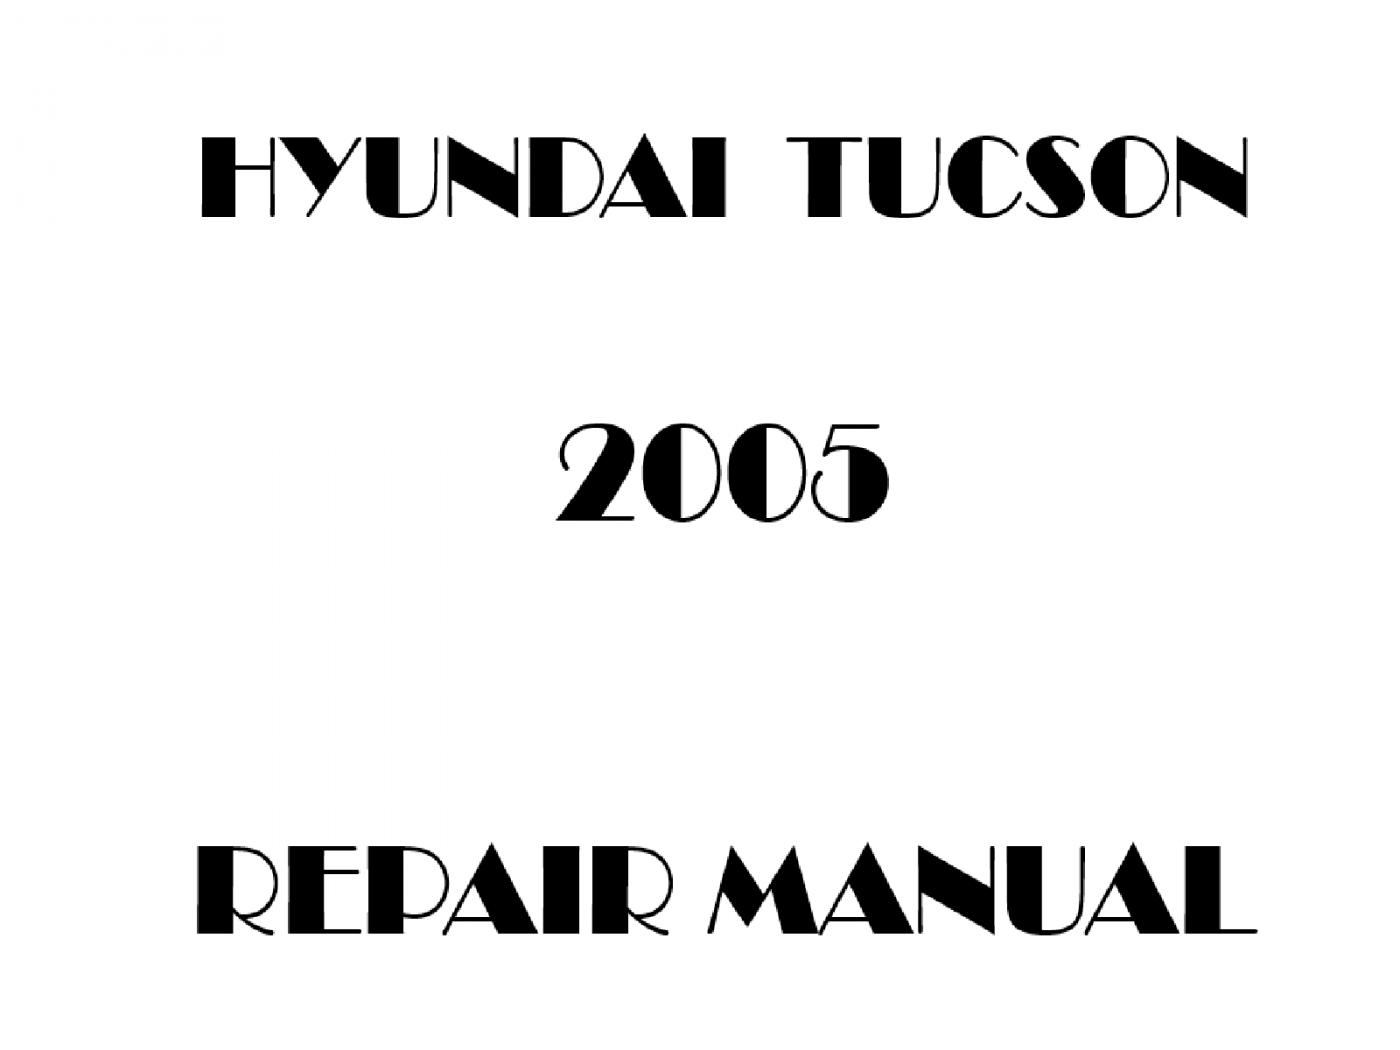 2005 Hyundai Tucson Repair Manual